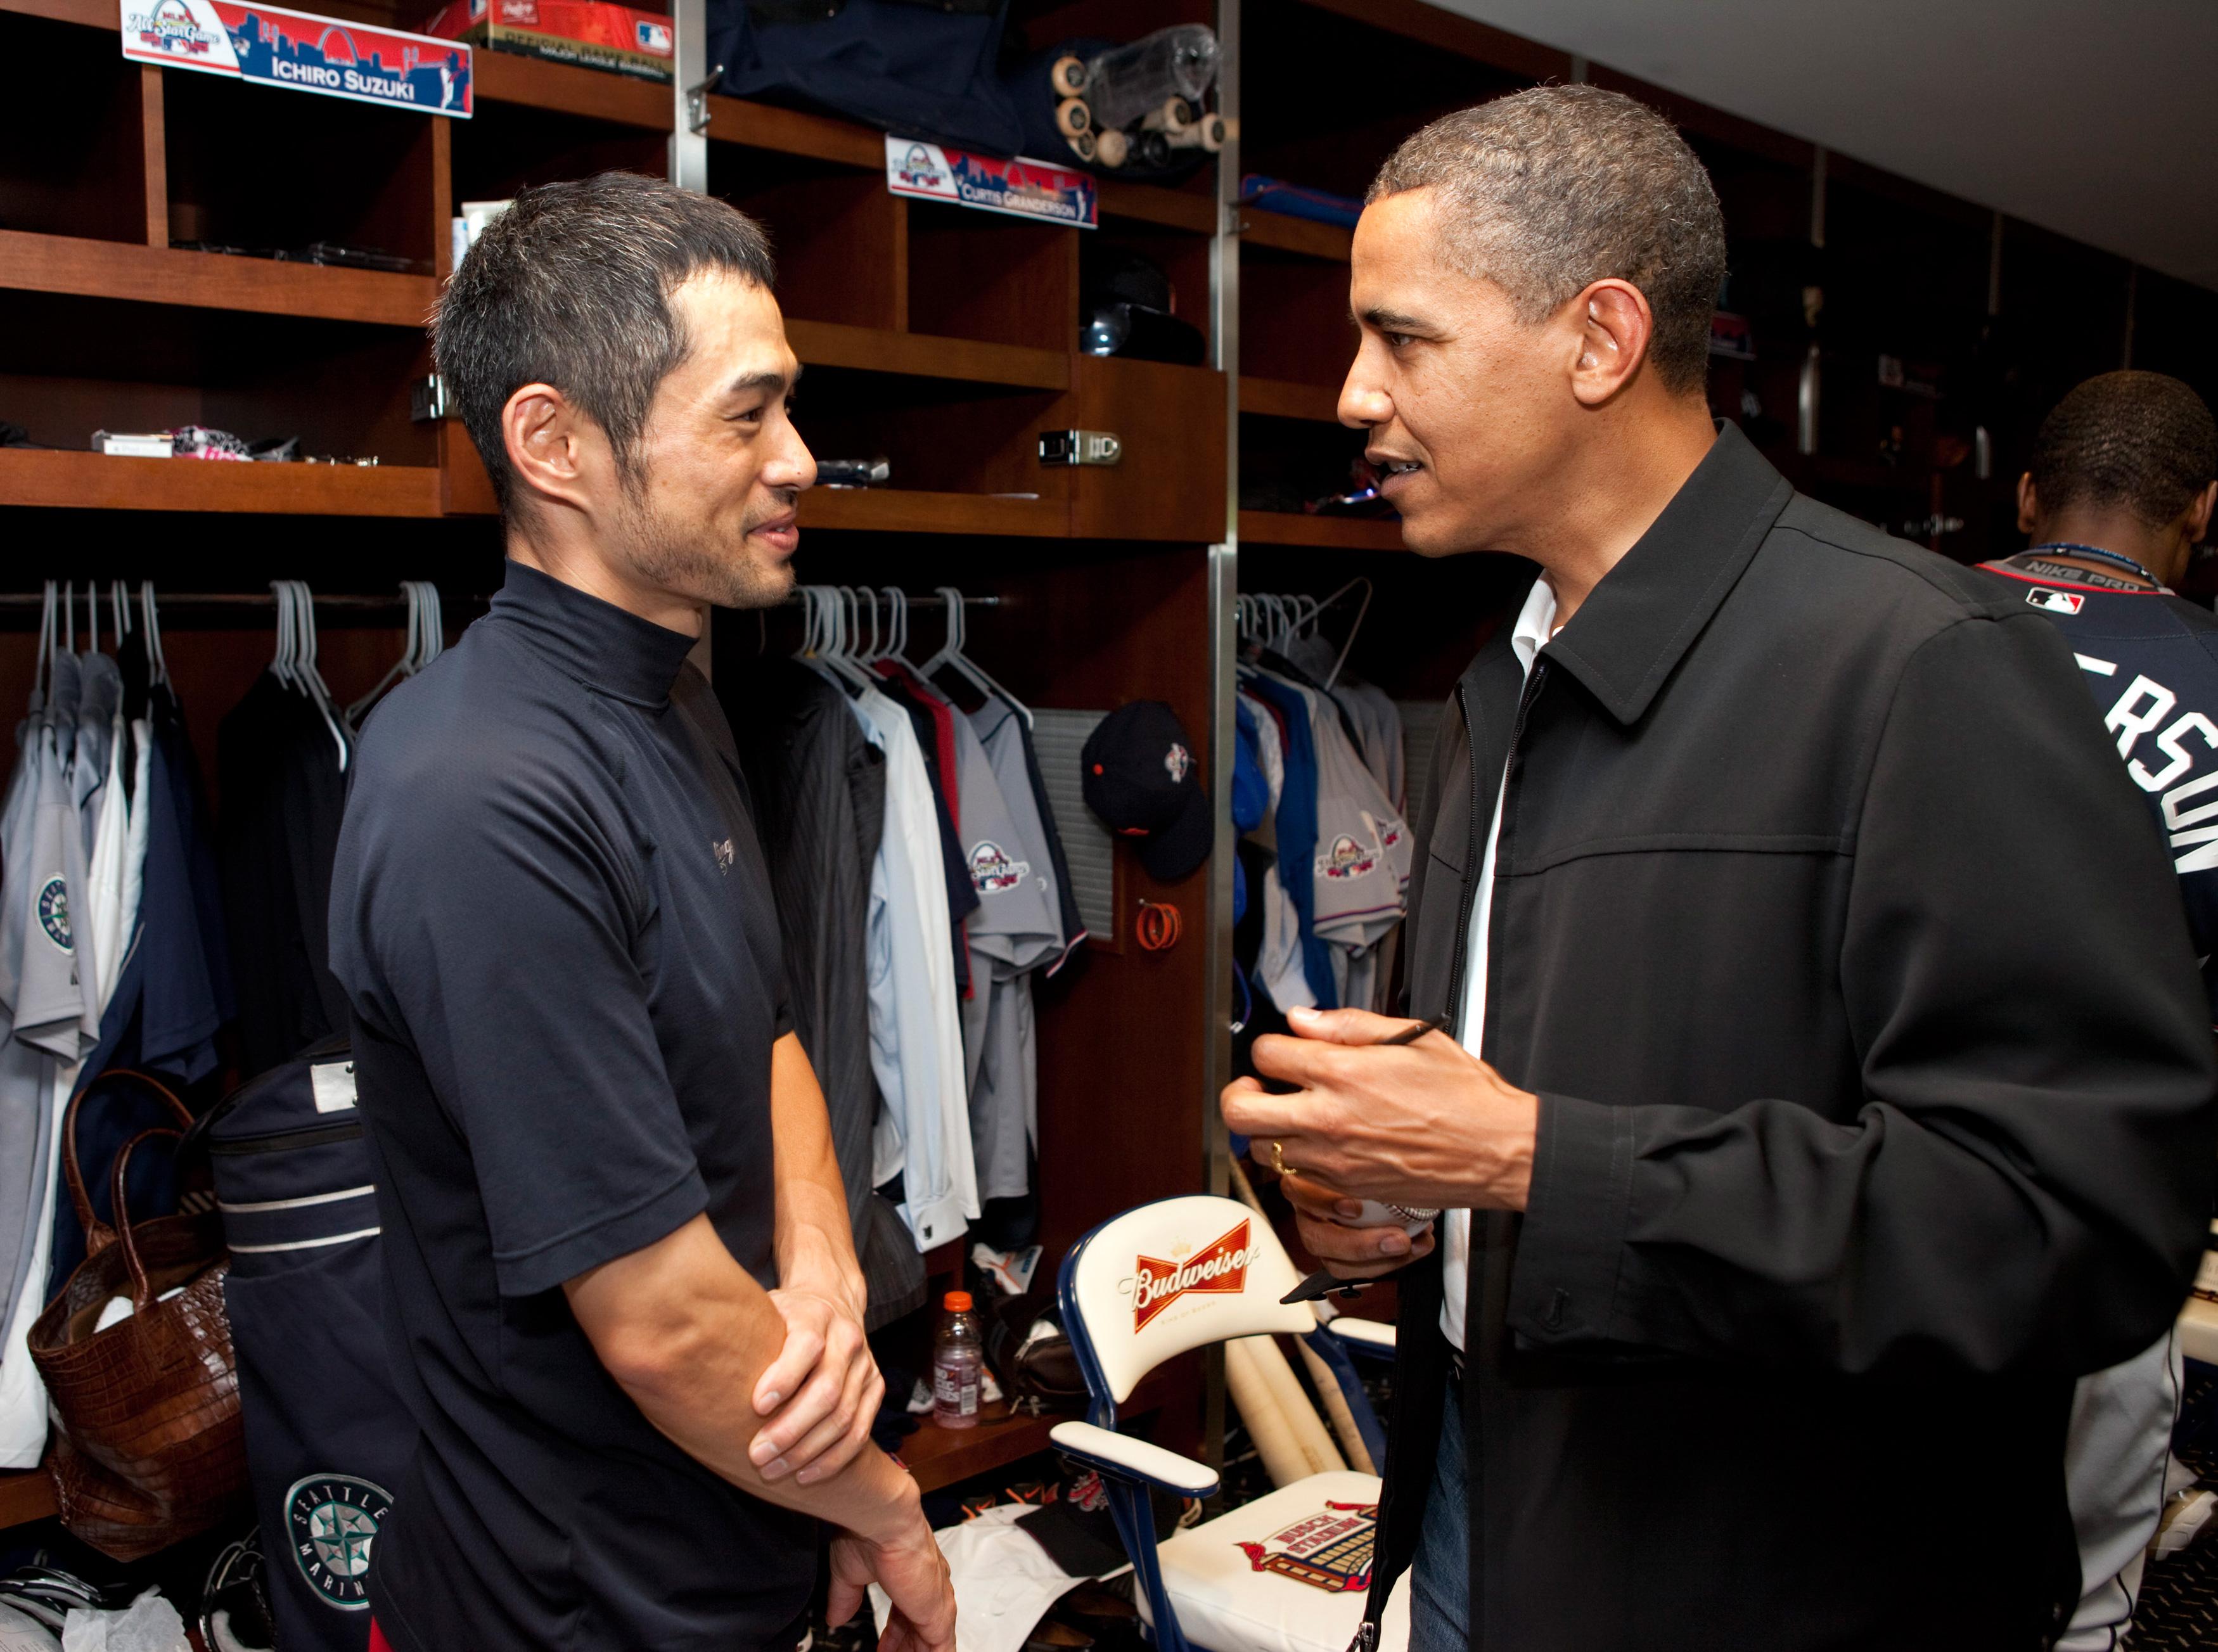 File:Ichiro Suzuki and Barack Obama.jpg - Wikimedia Commons